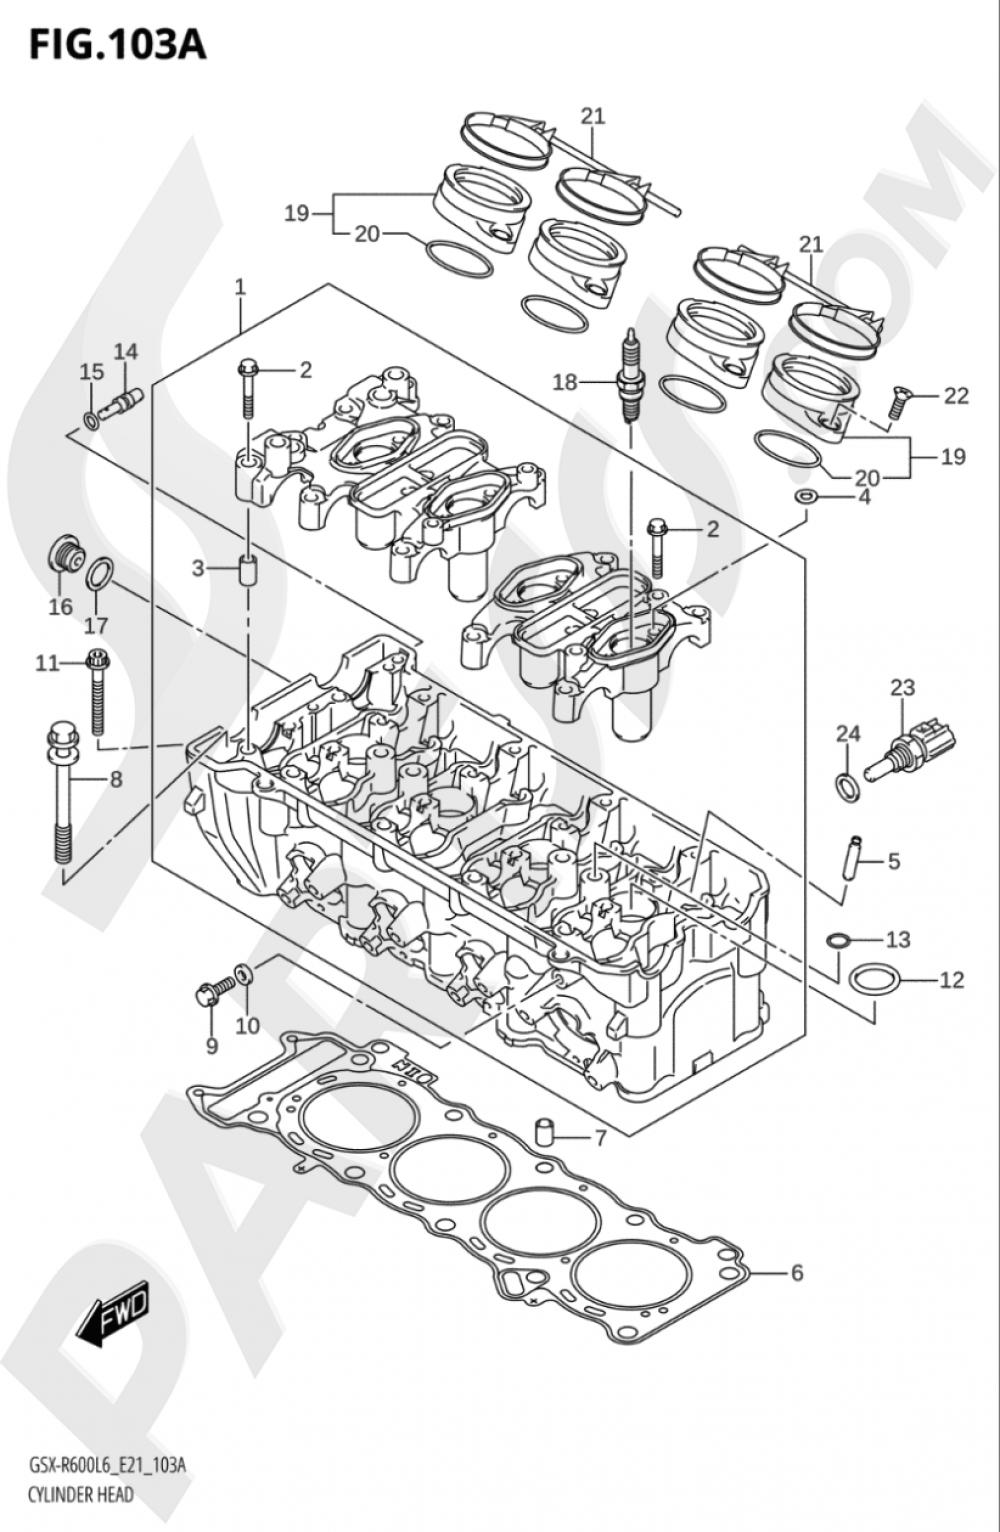 103A - CYLINDER HEAD Suzuki GSX-R600 2016